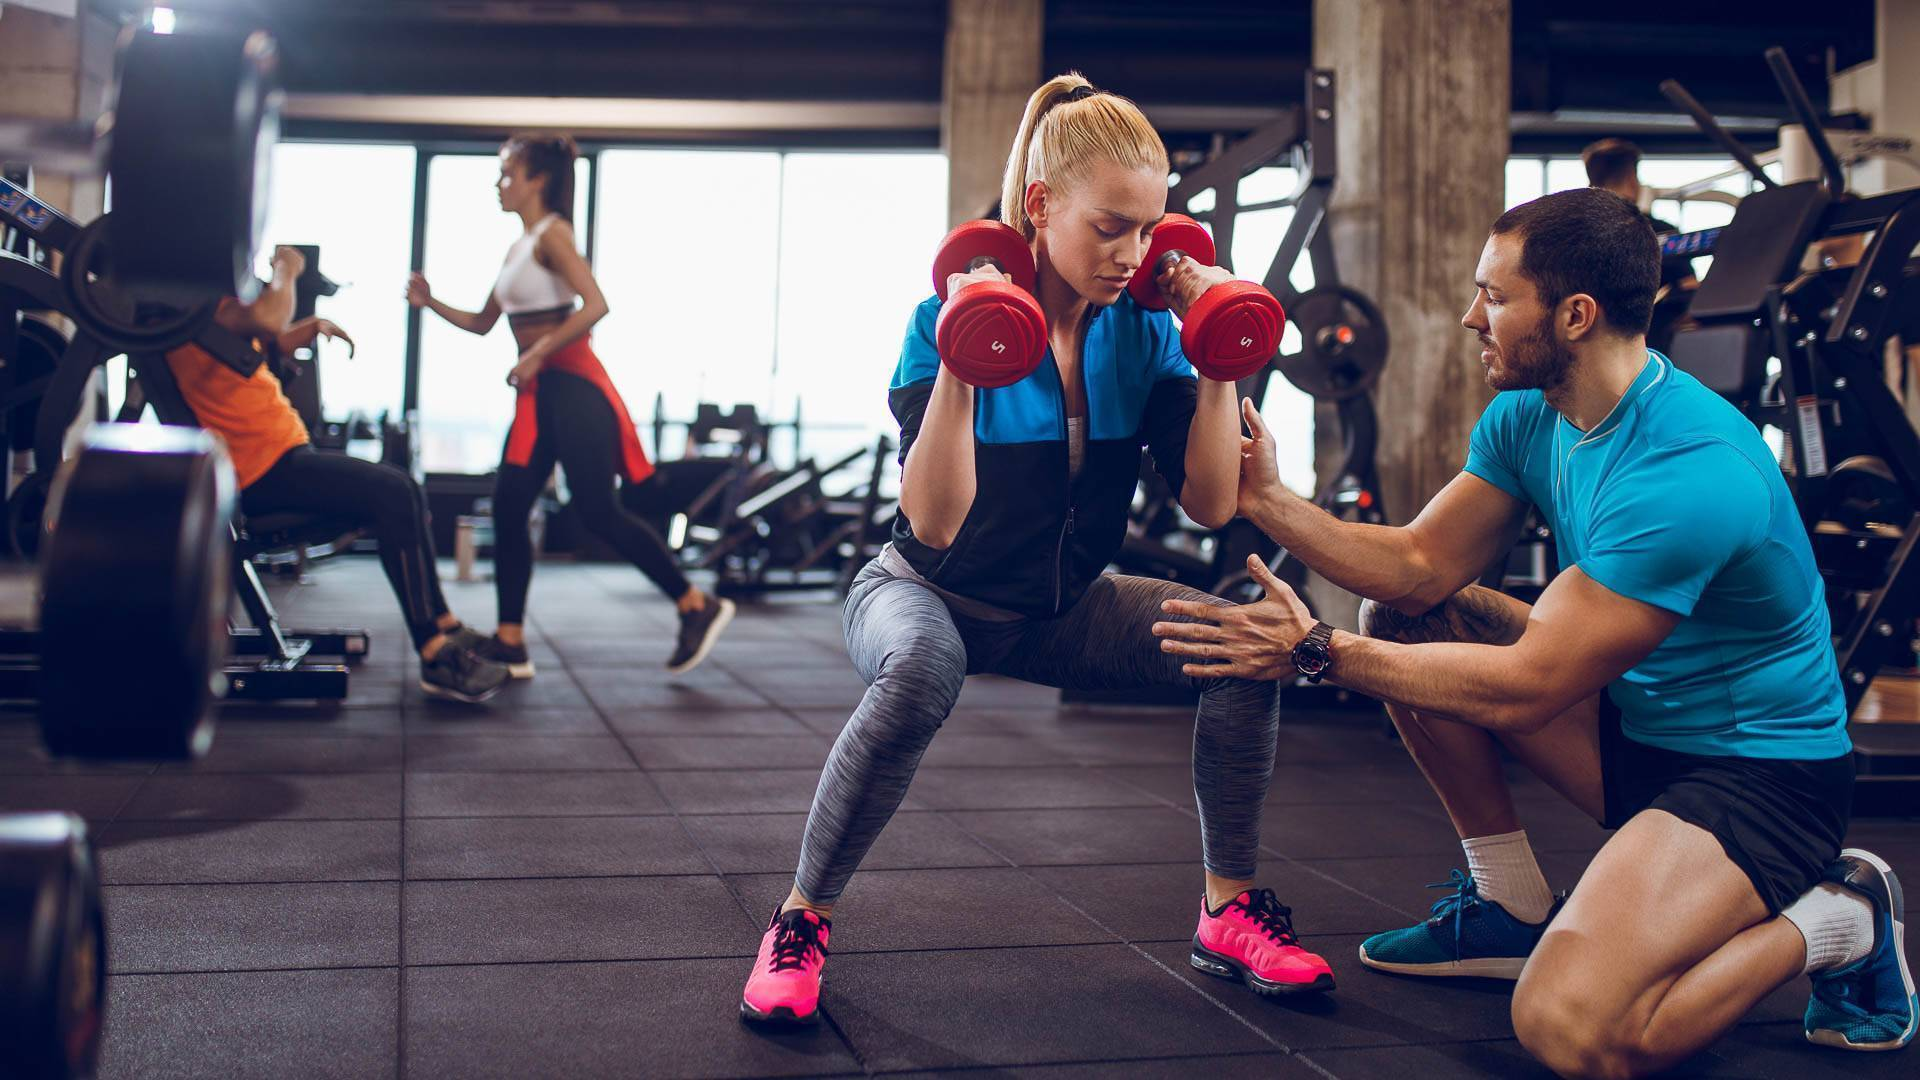 Сайкл-тренировка для похудения: особенности и рекомендации